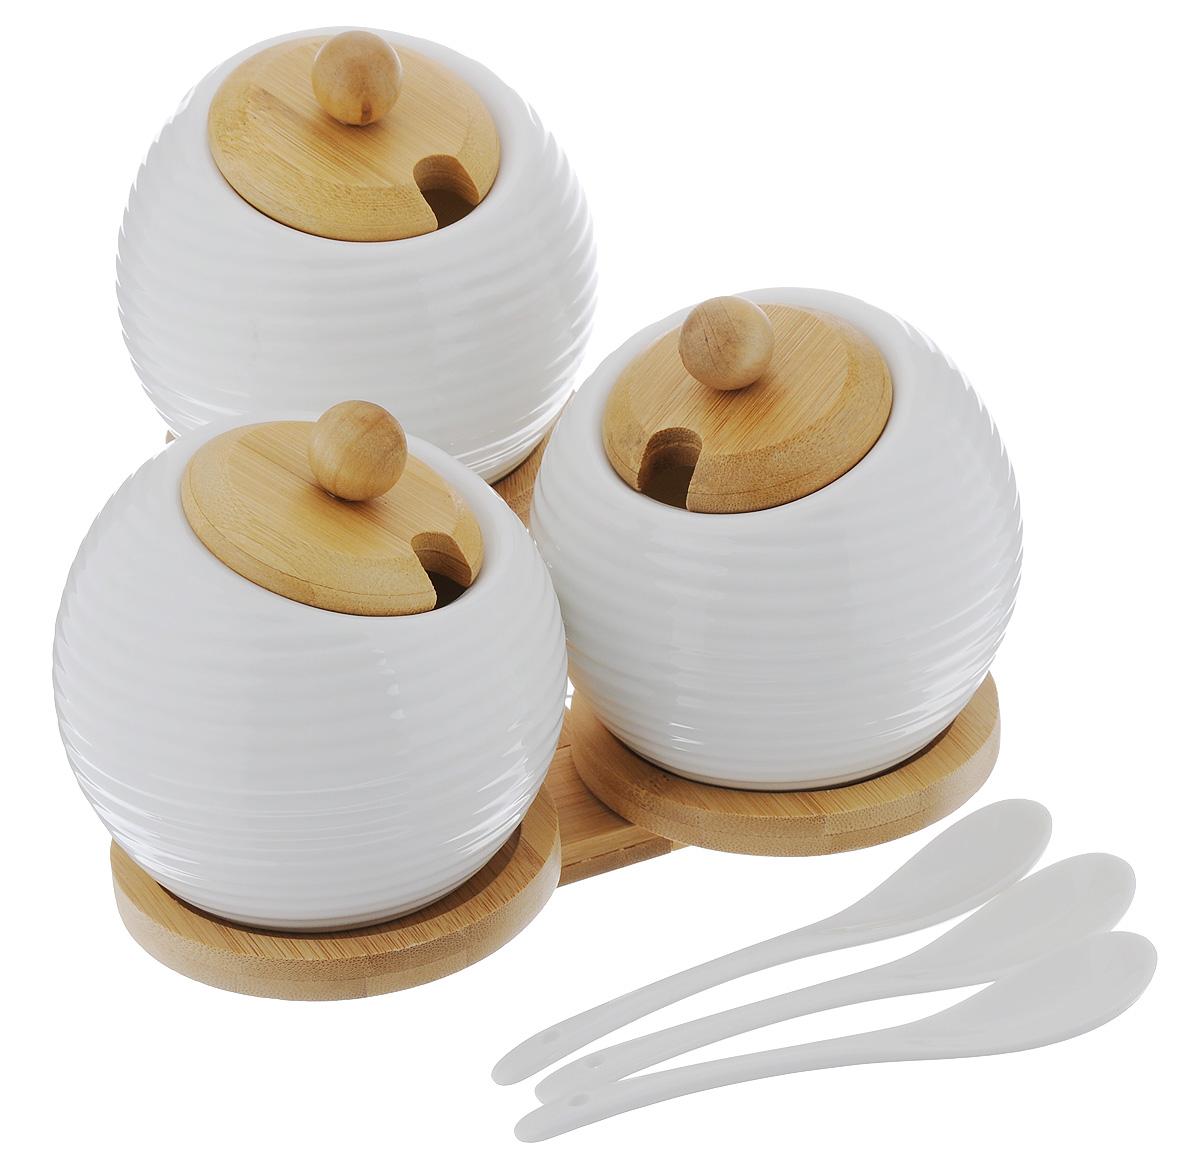 Набор сахарниц Elan Gallery Айсберг, с ложками, на подставке, 380 мл, 3 шт540088Необычный набор Elan Gallery Айсберг, состоящий из трех керамических сахарниц с деревянными крышками, трех ложек и подставки, будет уместен в любом интерьере. Лаконичный белый цвет в сочетании с цветом дерева позволяет использовать набор и в модерне, и в стиле современной классики. Набор Elan Gallery Айсберг станет незаменимым атрибутом любого чаепития, а также он подчеркнет ваш изысканный вкус. Не рекомендуется применять абразивные моющие средства. Не использовать в микроволновой печи. Объем сахарницы: 380 мл. Диаметр сахарницы (по верхнему краю): 6,5 см. Высота сахарницы (без учета крышки): 9 см. Длина ложки: 13 см. Размер подставки: 19 х 17 х 6 см.